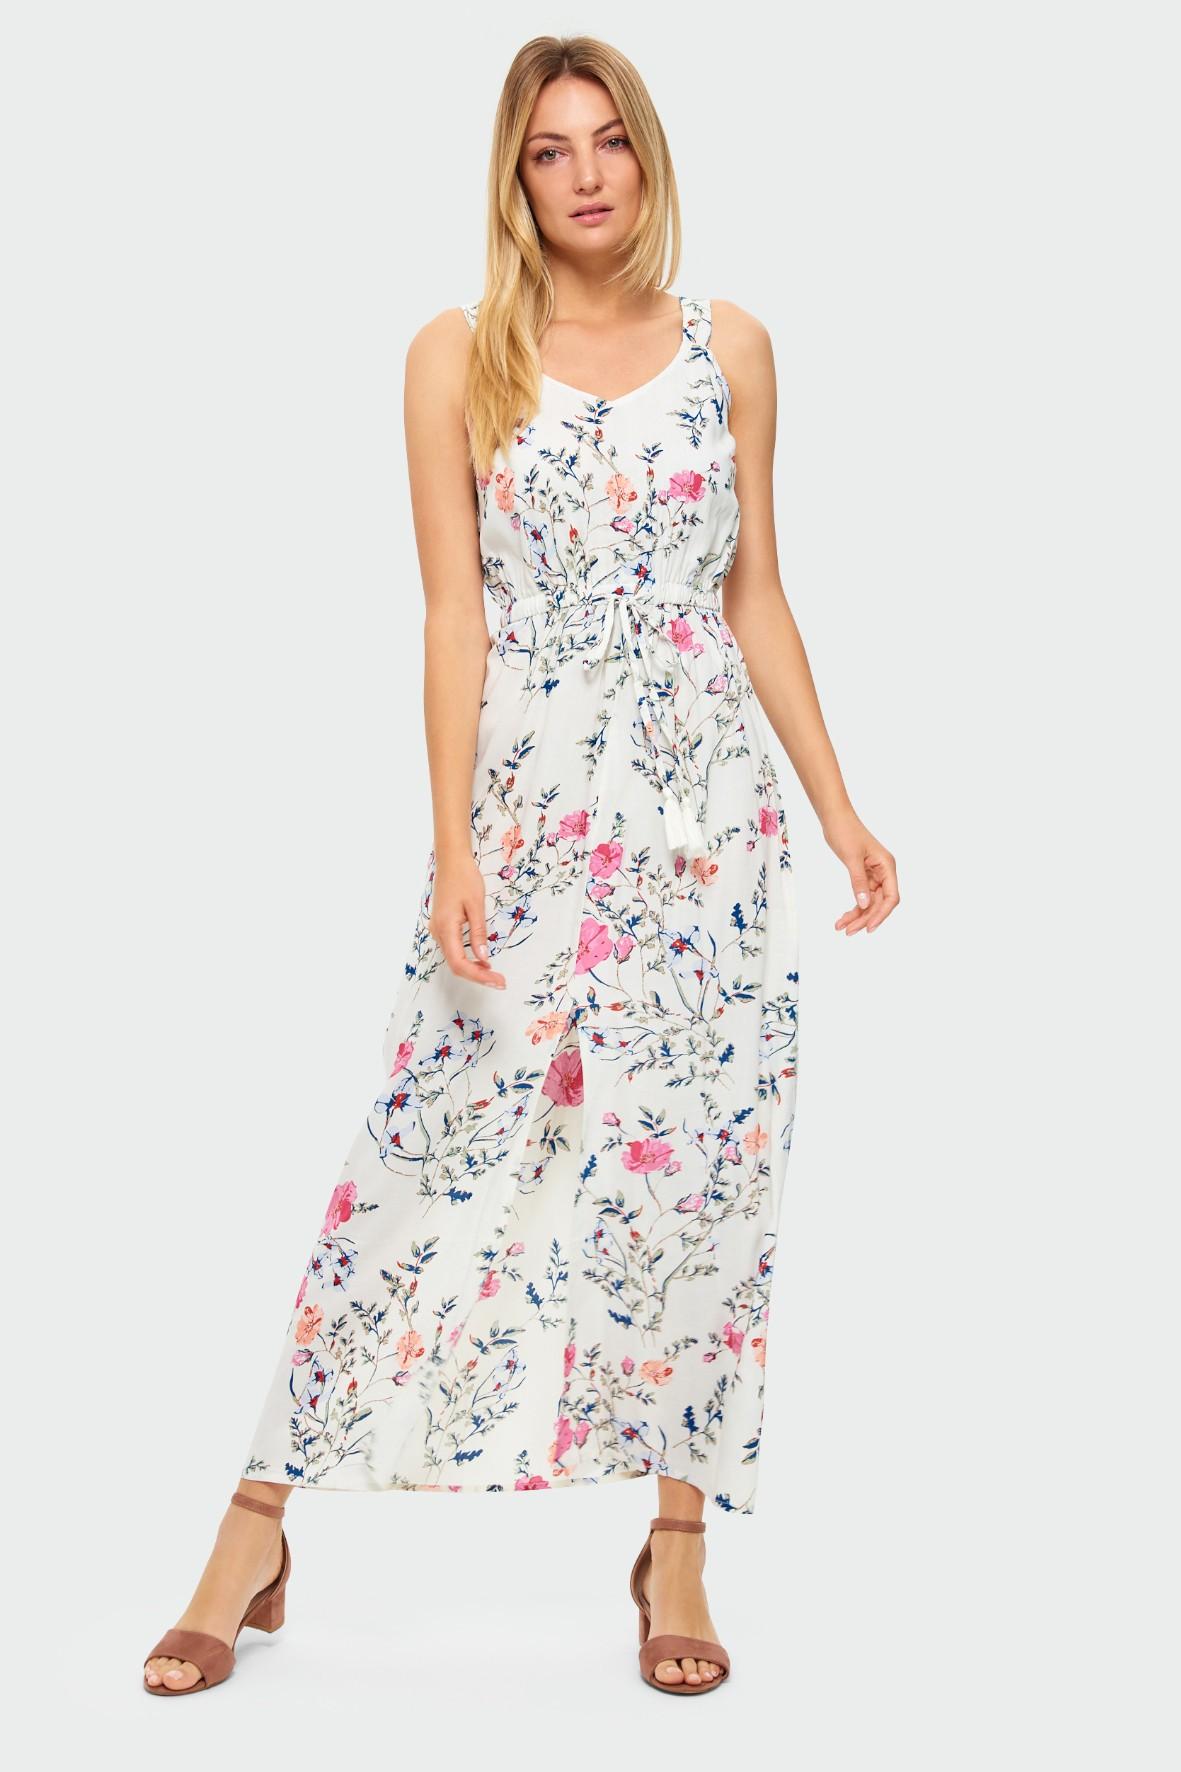 Biała długa wiskozowa sukienka na ramiączka w kwiaty